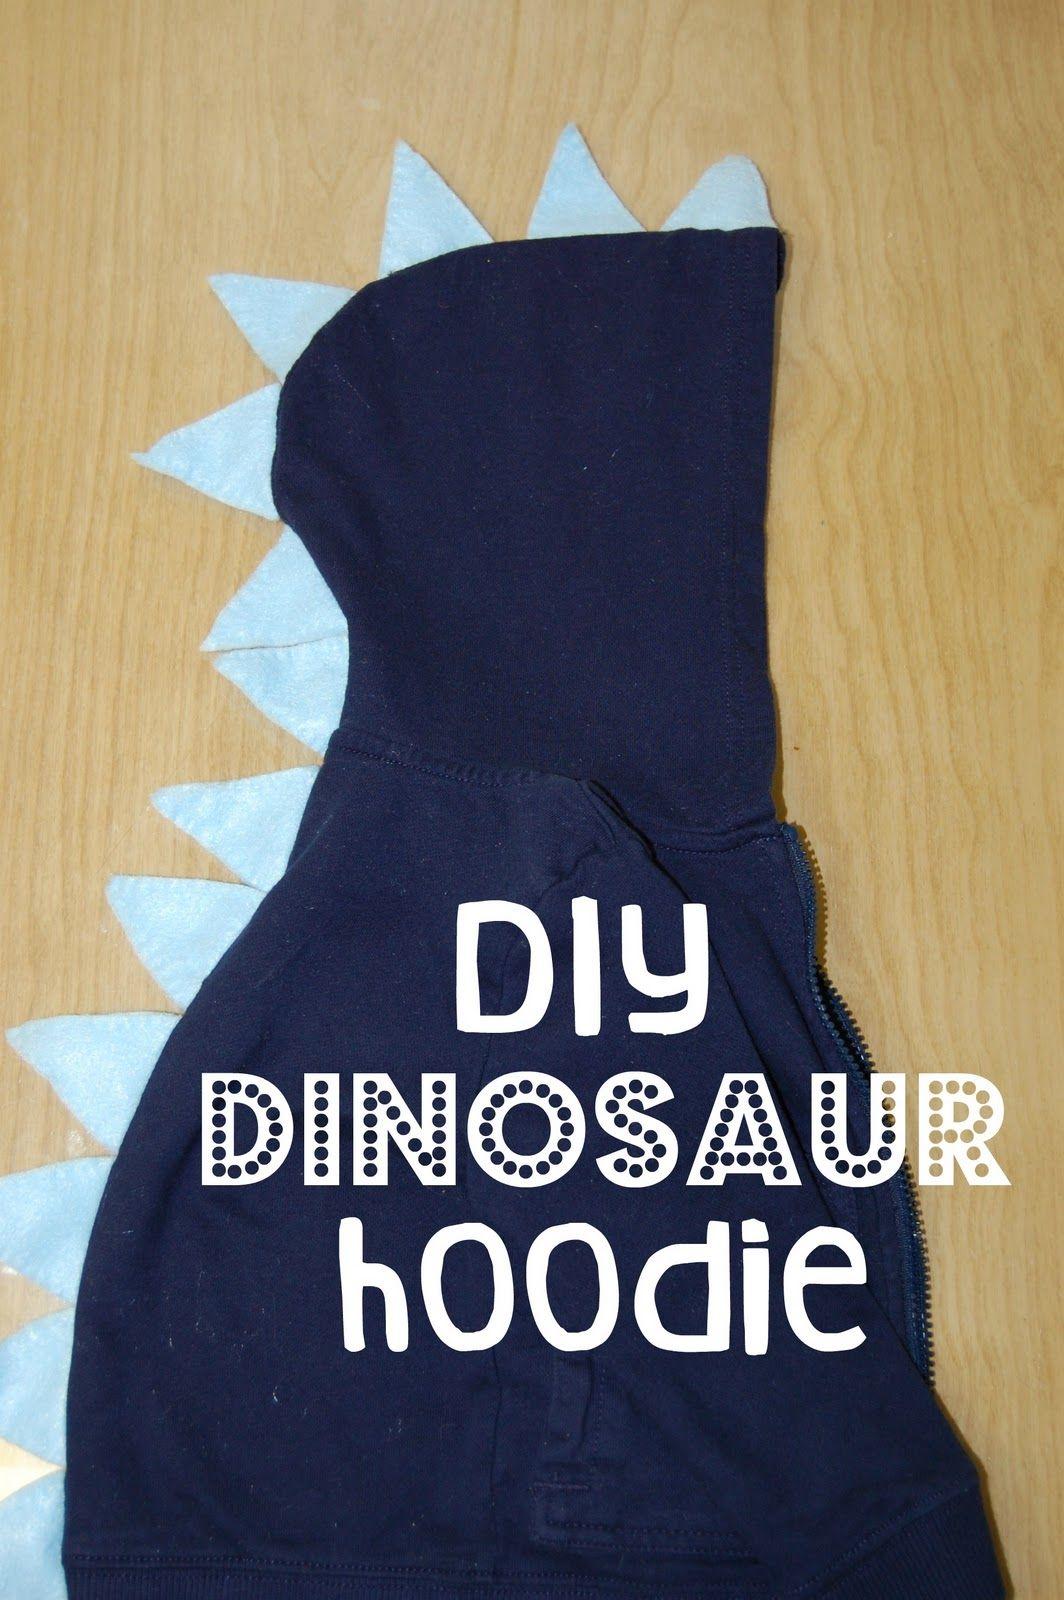 Dinohoodie